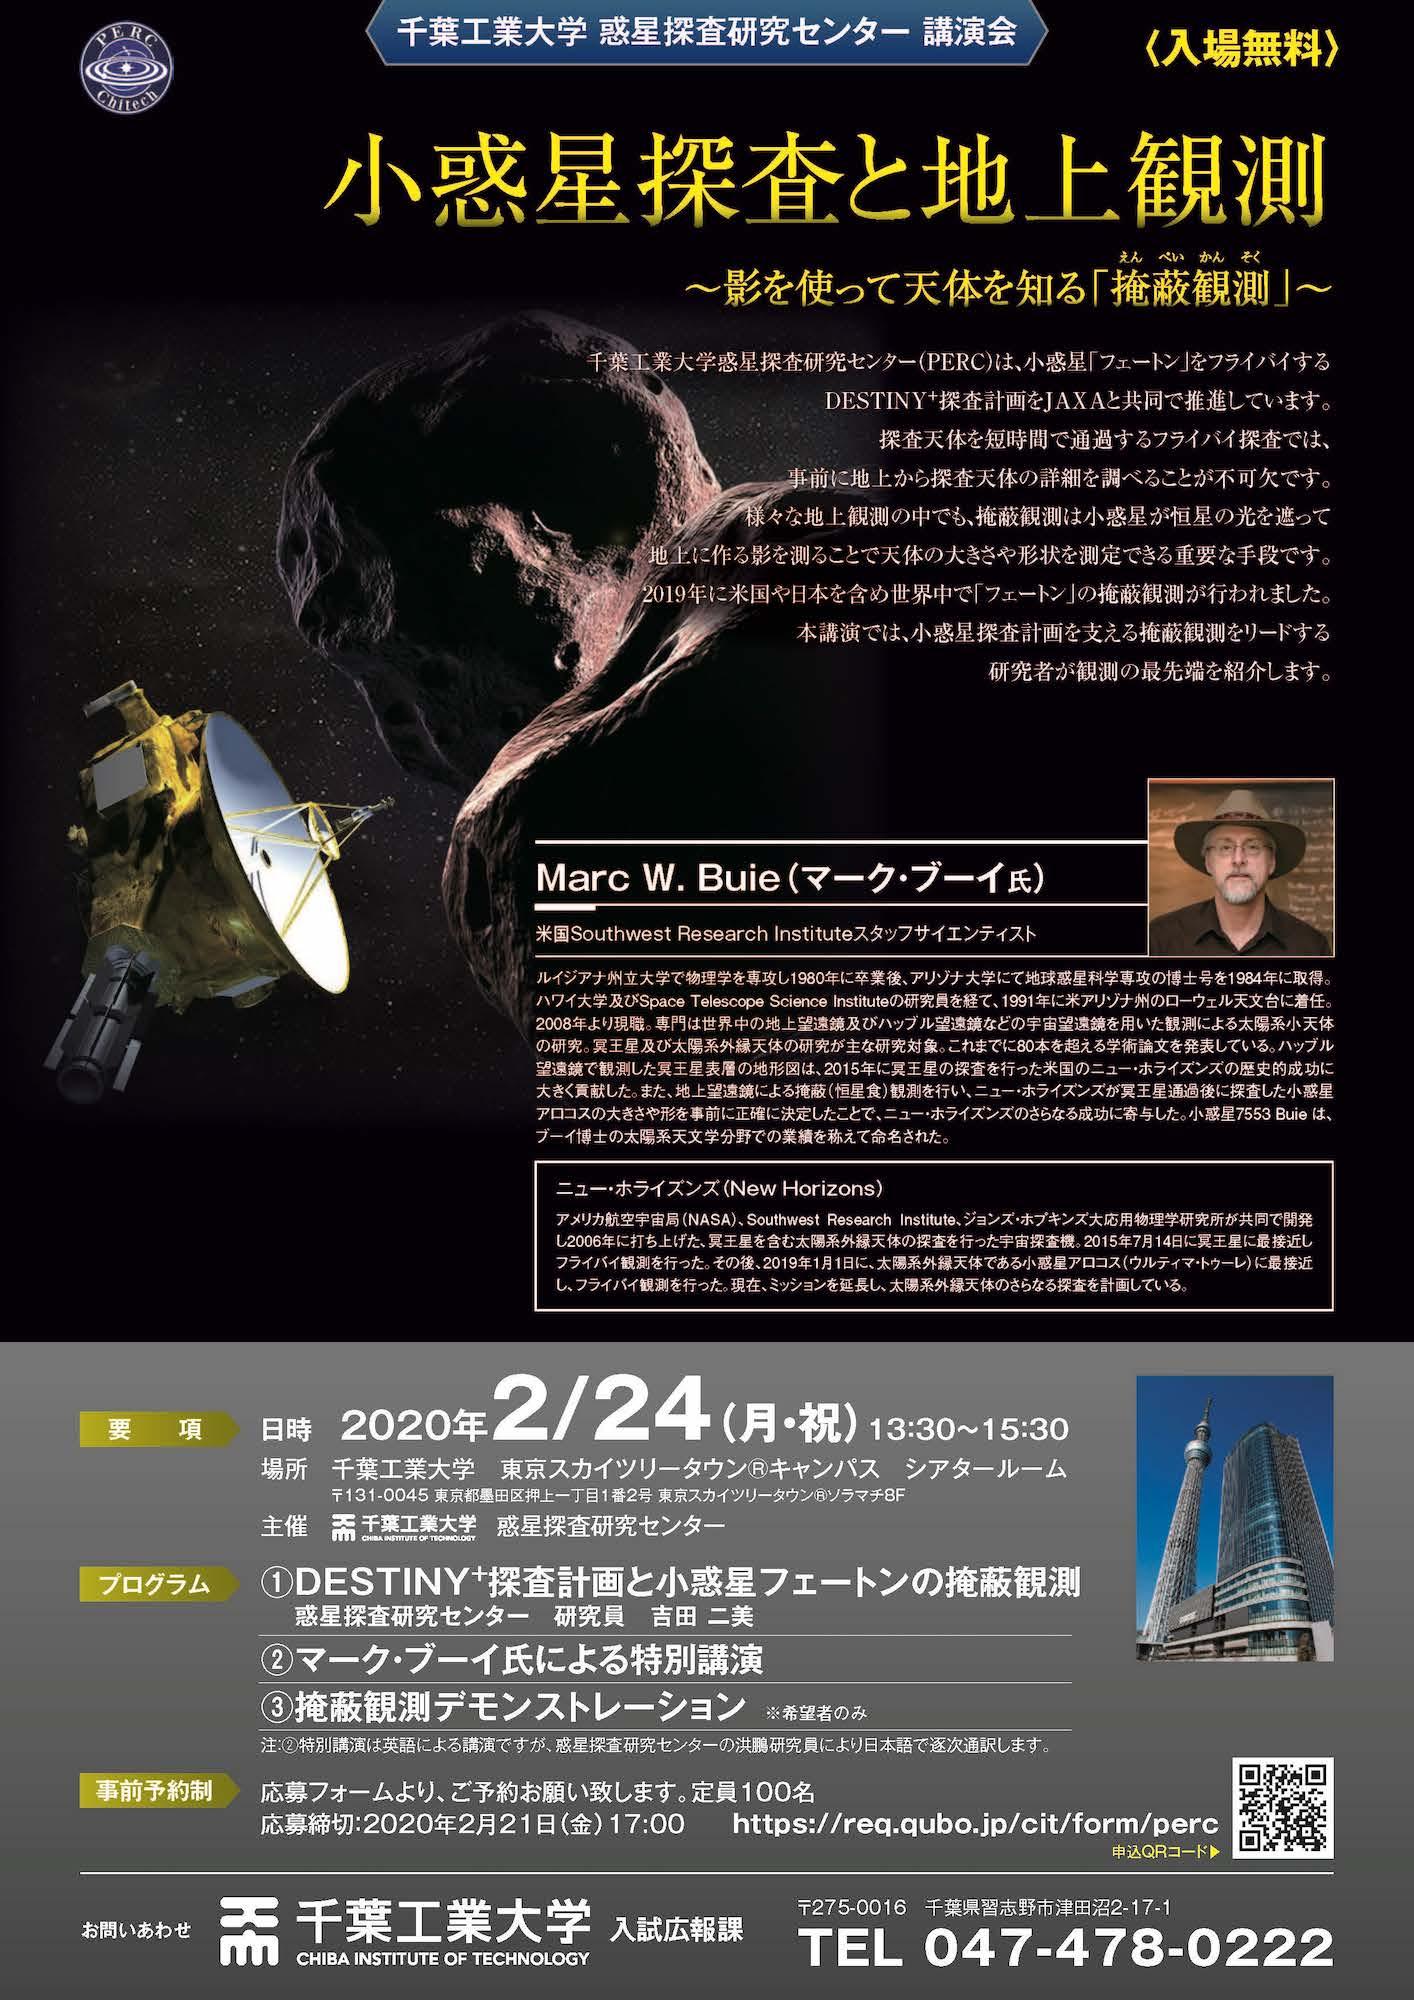 2/24(月・祝)一般講演会『小惑星探査と地上観測~影を使って天体を知る「掩蔽観測」~』開催